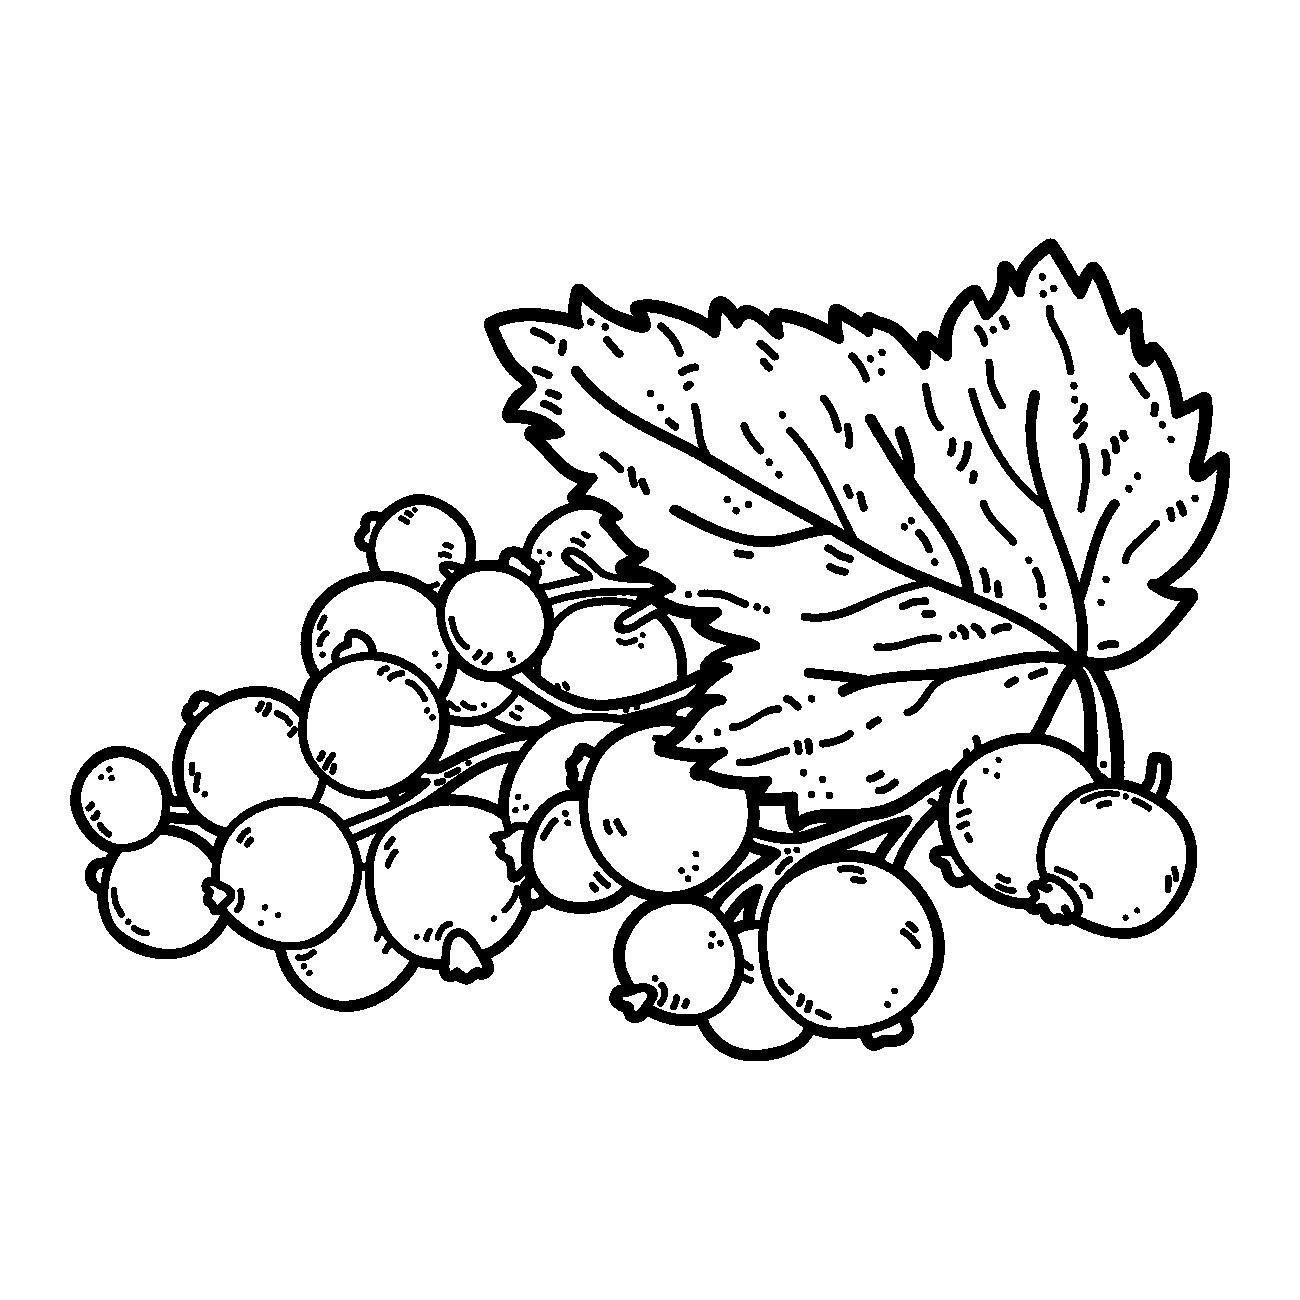 Coloring Pattern berries berries loop, currants pattern to cut paper